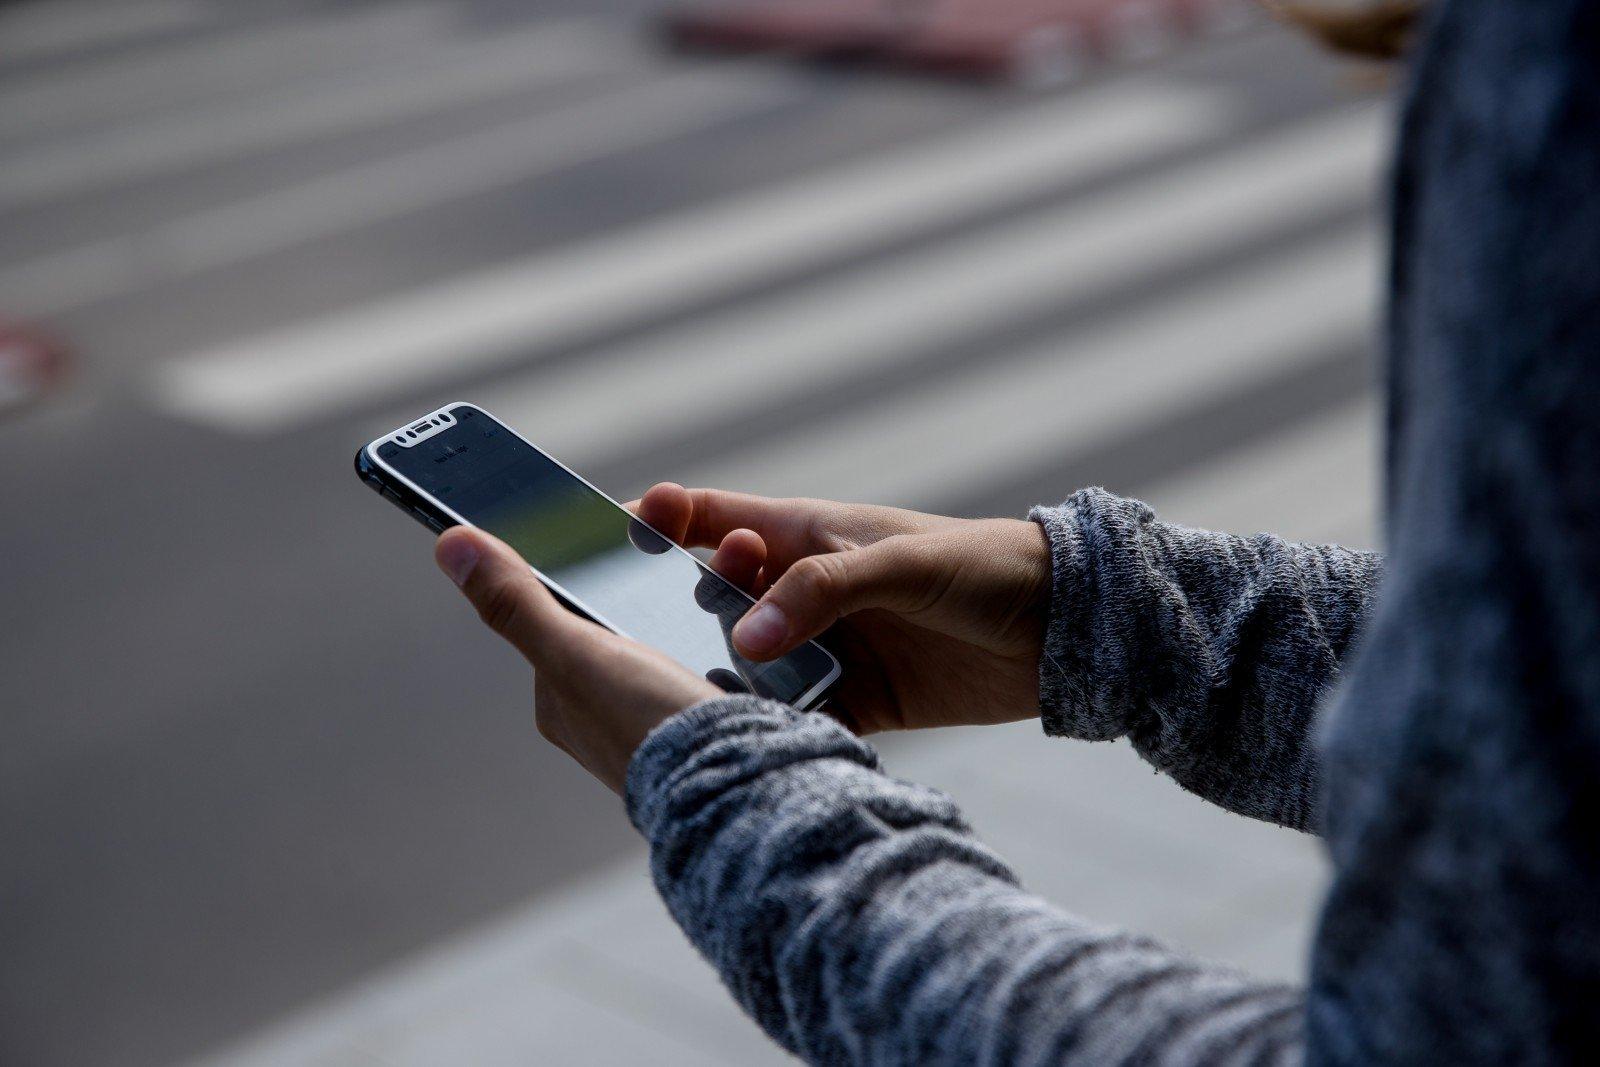 В России смартфоны начнут предупреждать пешеходов о приближающемся автомобиле